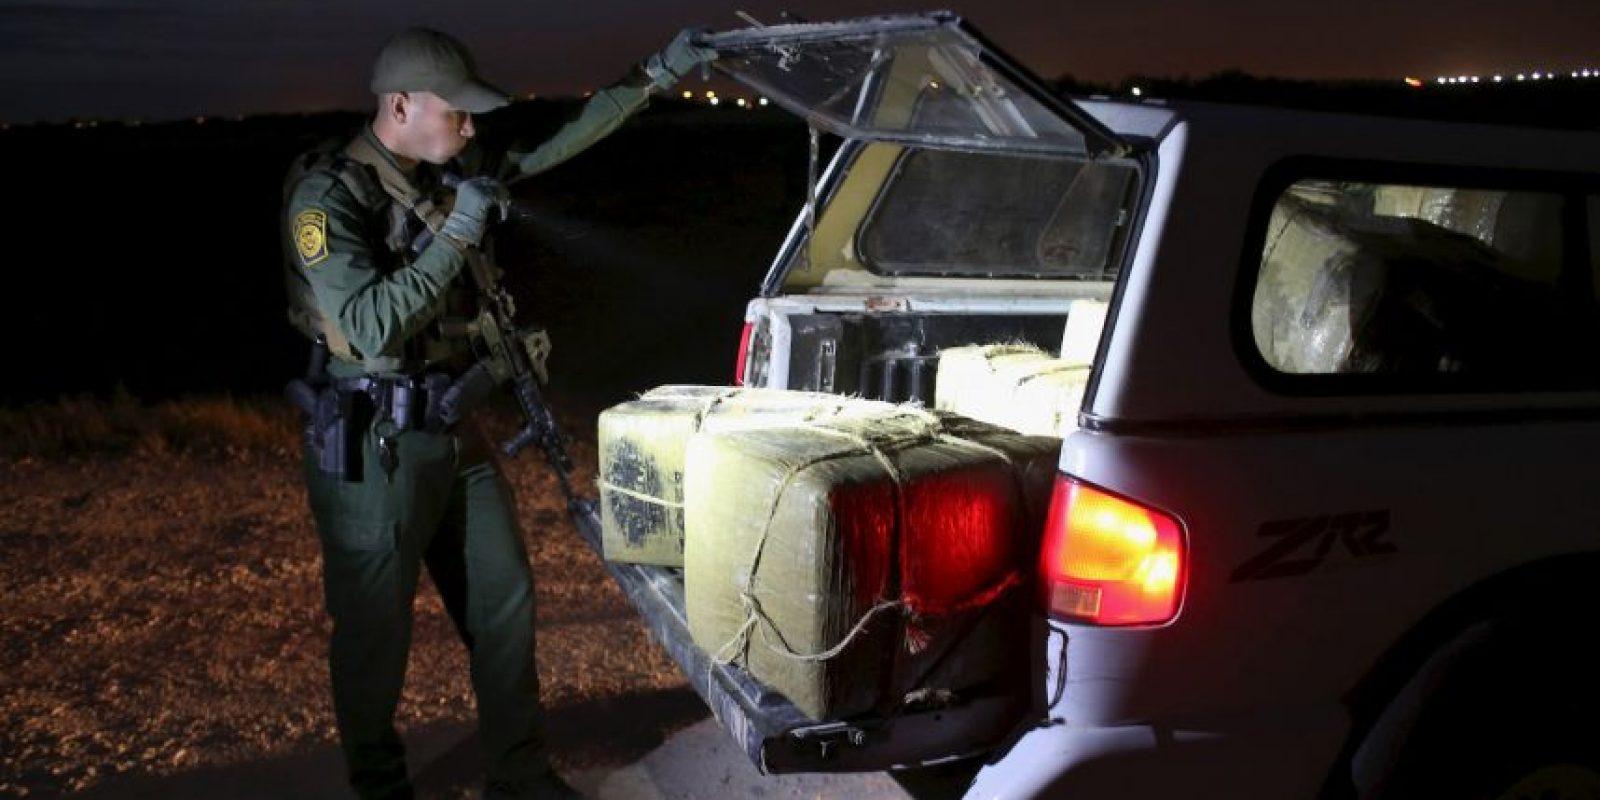 Cifras oficiales indican un descenso significativo en el mercado ilegal de marihuana Foto:Getty